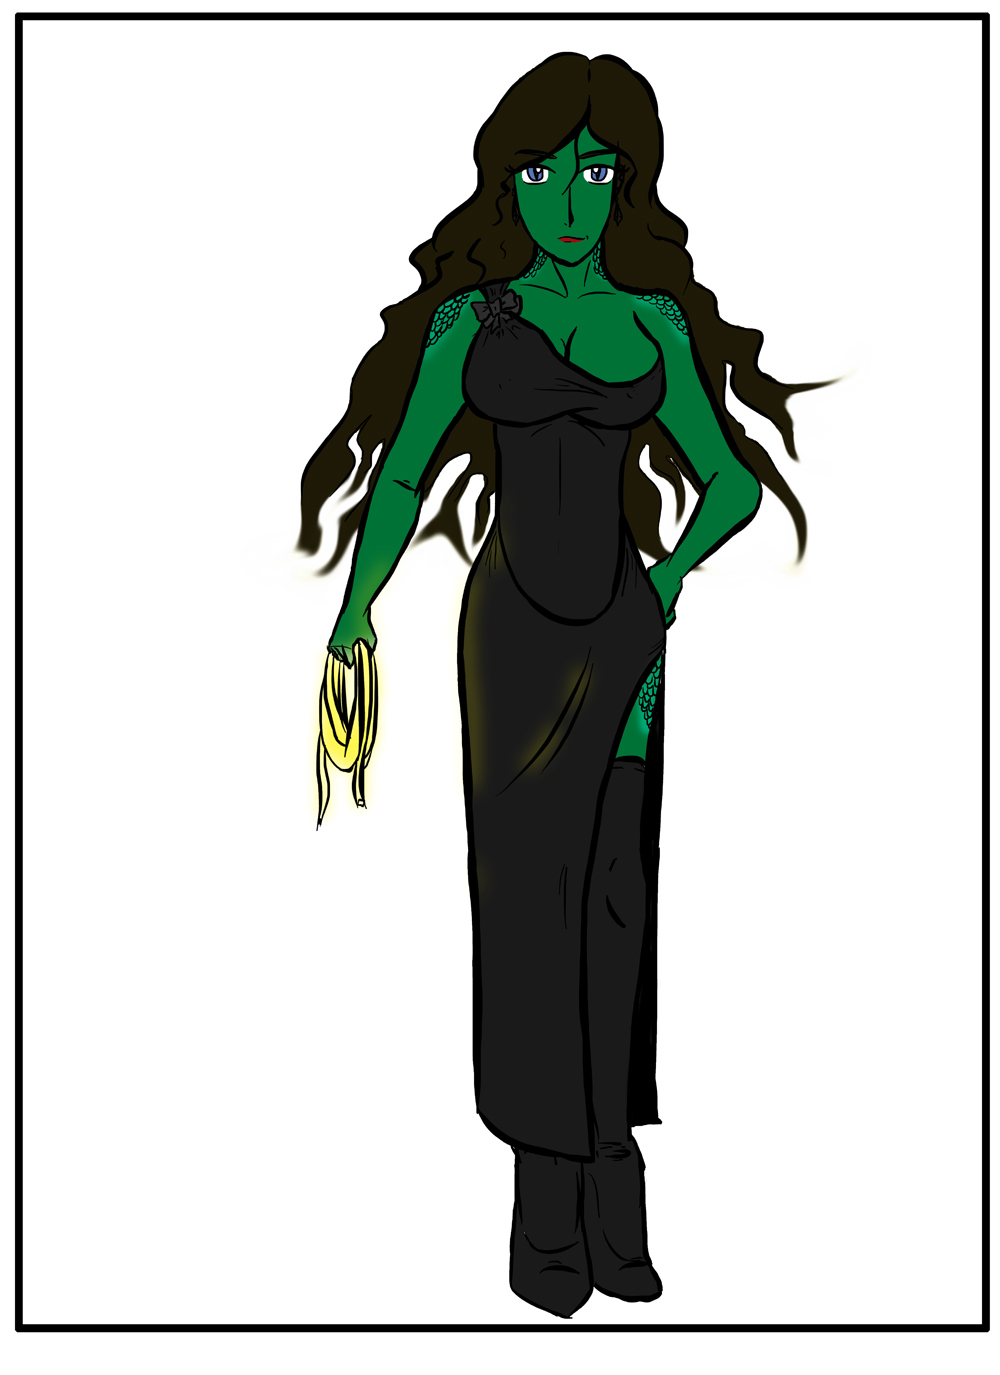 Most recent image: Profile: Melkillia